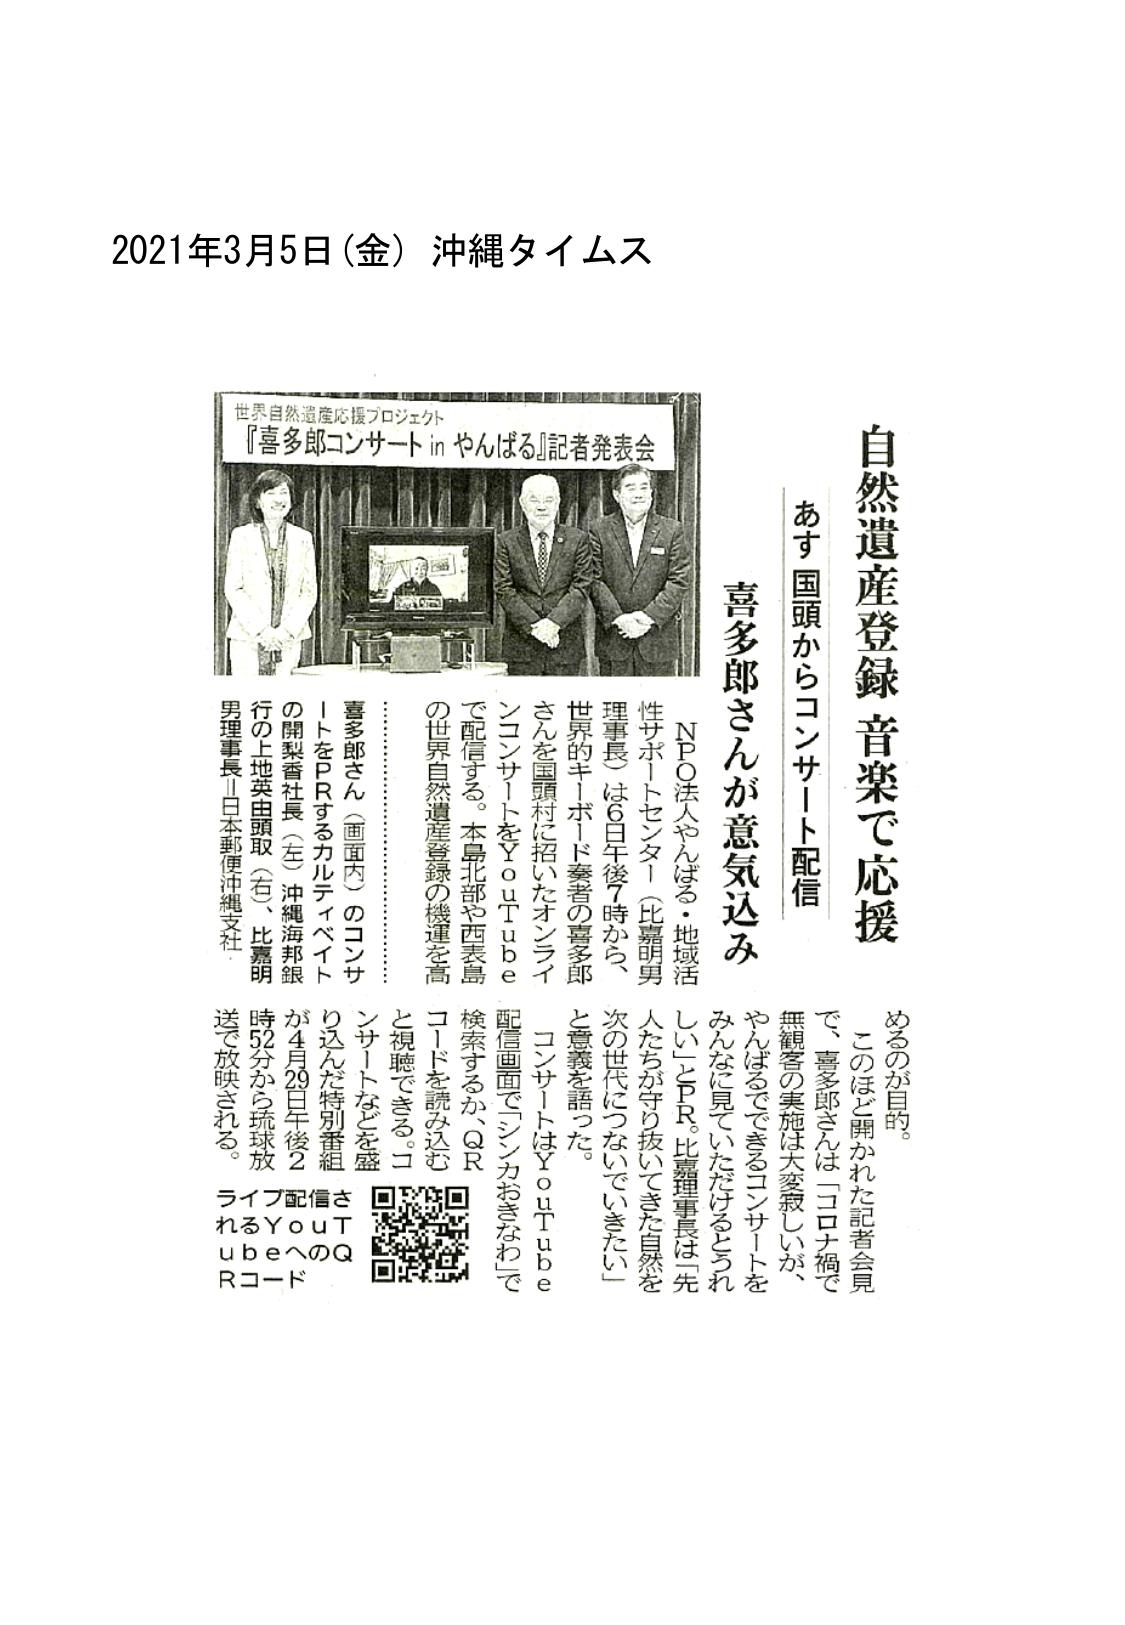 210305【喜多郎】コンサート_沖縄タイムス_pages-to-jpg-0001